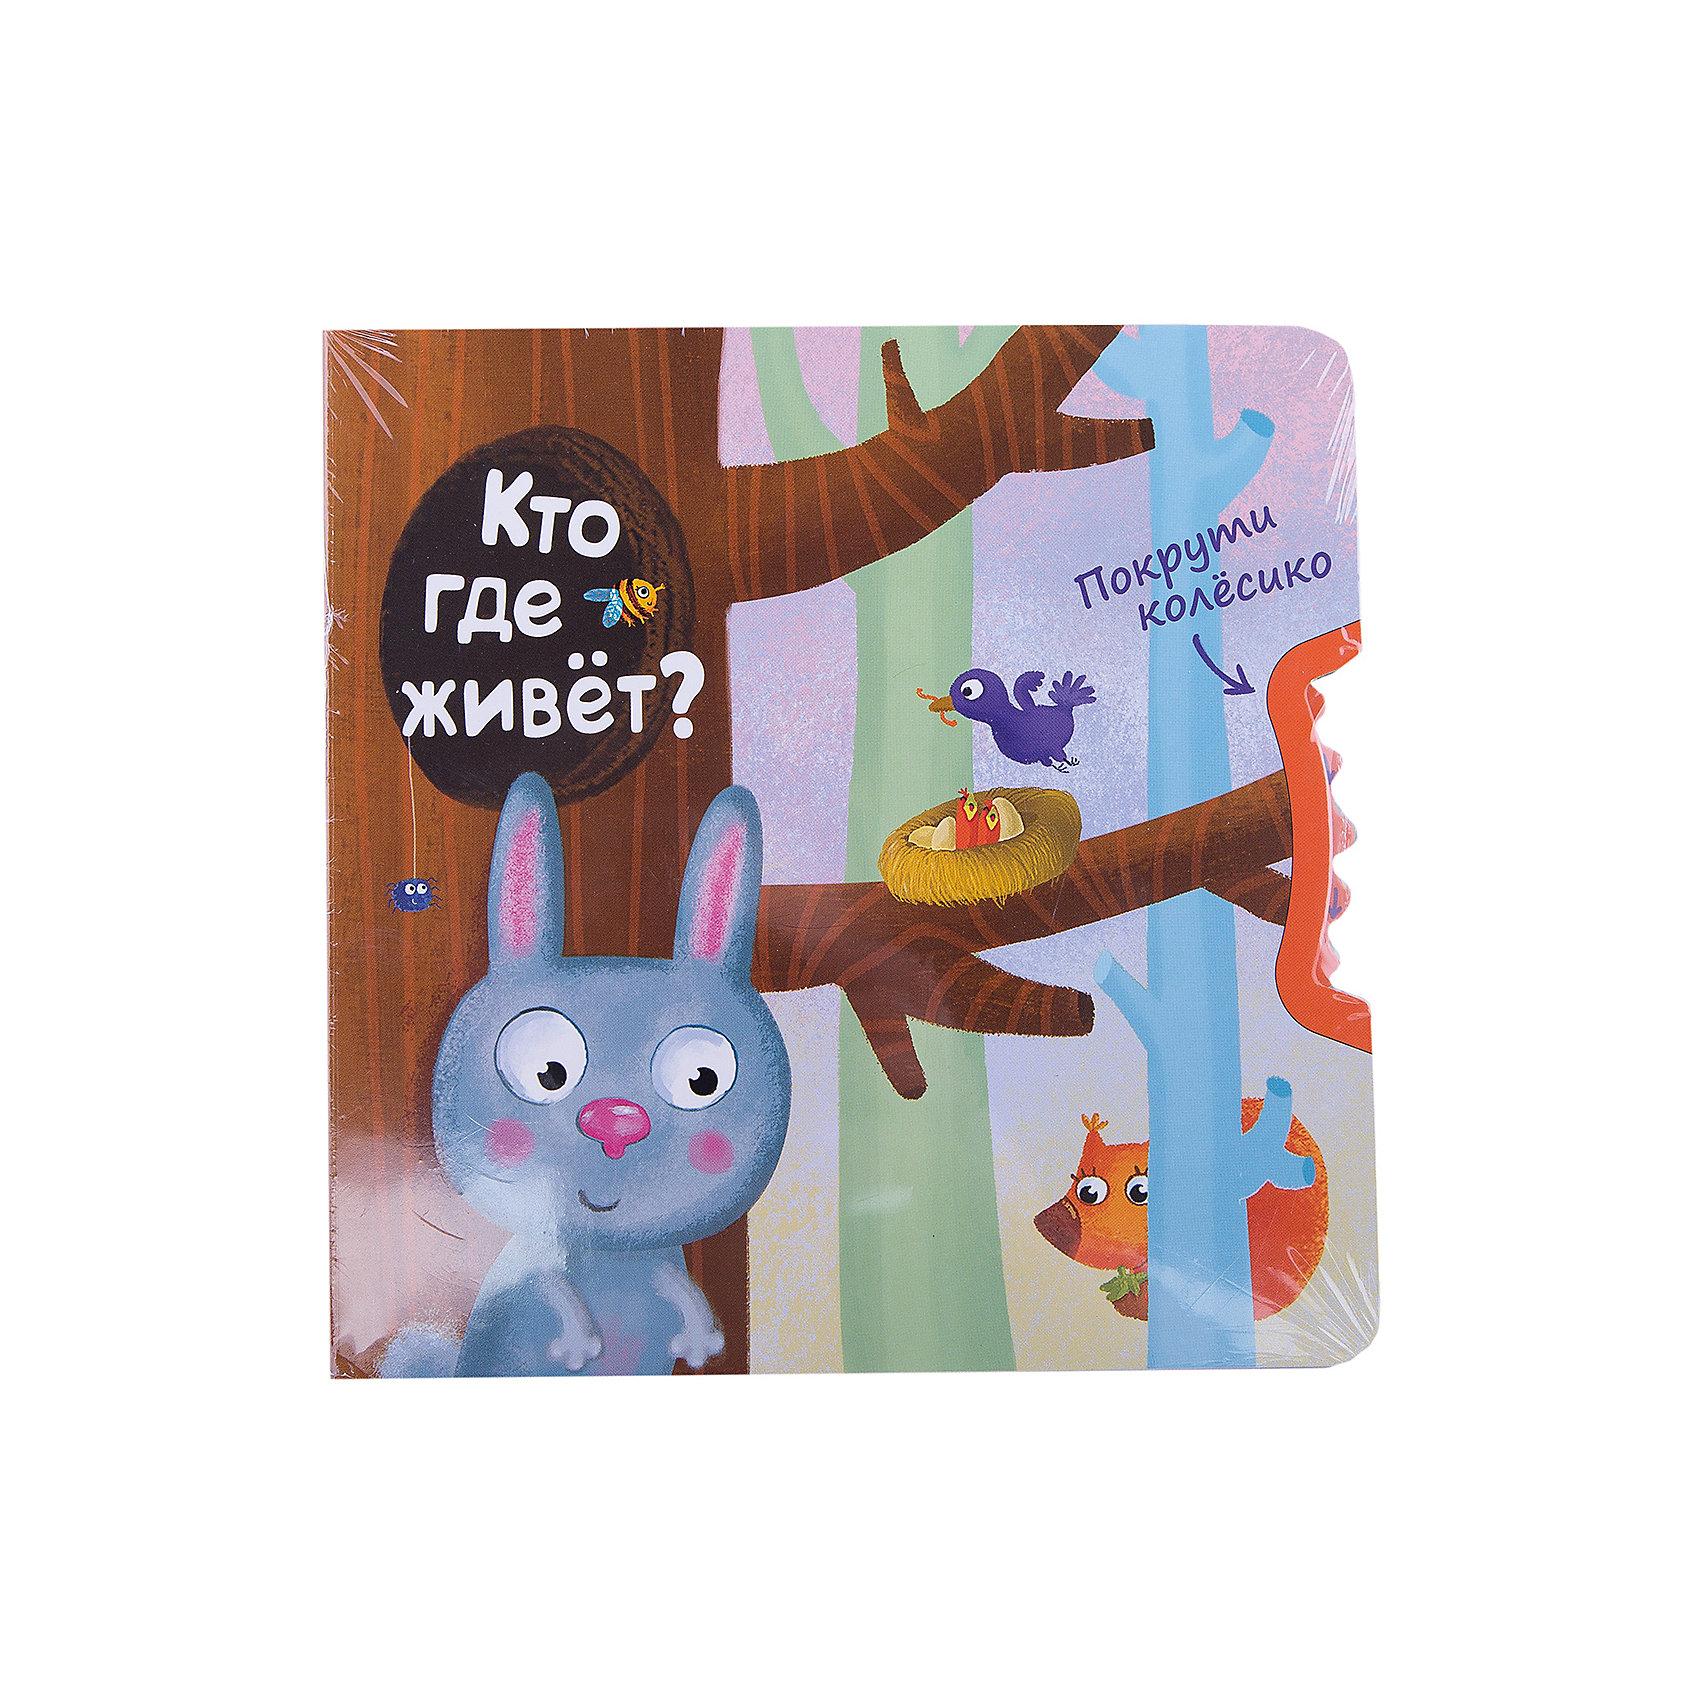 Покрути колёсико: Кто где живет?Первые книги малыша<br>Где живет медвежонок? Покрутите колесико и узнайте ответ!<br>Яркая книжка-игрушка «Кто где живет?» серии «Покрути колесико» познакомит маленького читателя с очаровательными животными, расскажет, где они живут. <br>Прочитайте малышу веселые и добрые стихи, а затем покрутите колесико так, чтобы каждое животное оказалось в своем «домике»: лиса – в норке, белка – на дереве и так далее.<br>Красочную книжку из легкого, но плотного картона удобно держать и листать маленькими ручками, она подарит много радости Вашему малышу и обязательно станет любимой.<br><br>Ширина мм: 9<br>Глубина мм: 180<br>Высота мм: 180<br>Вес г: 152<br>Возраст от месяцев: 24<br>Возраст до месяцев: 48<br>Пол: Унисекс<br>Возраст: Детский<br>SKU: 6896498